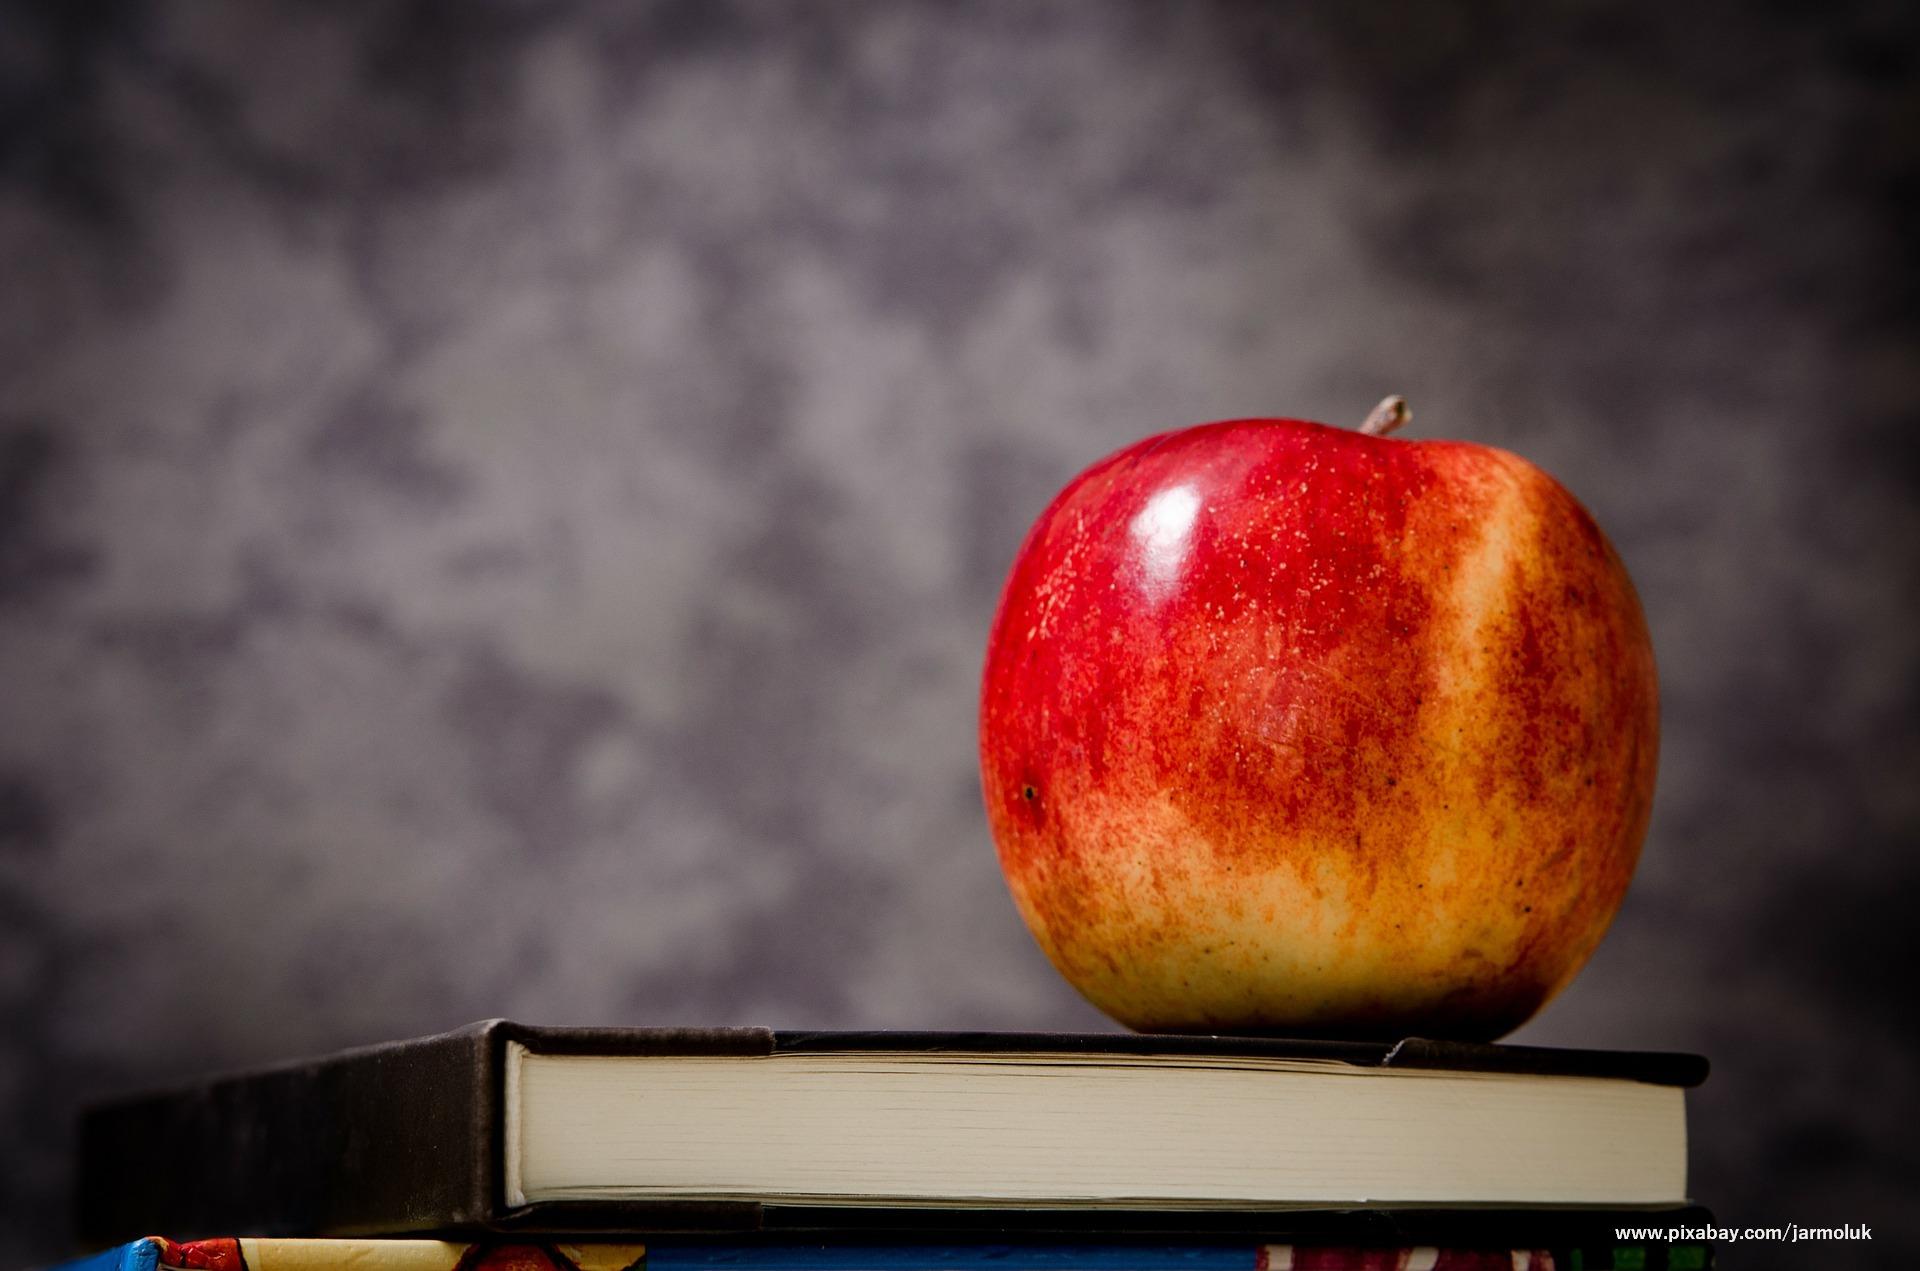 Jabłko położone na książce